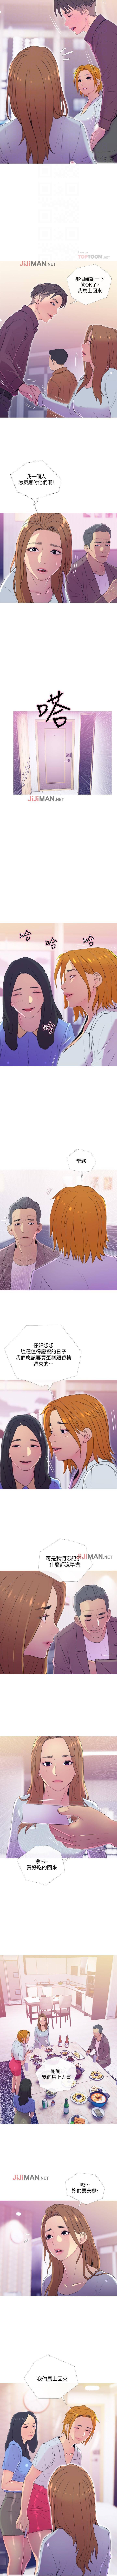 【周五连载】主妇危机(作者:查爾斯&漢水) 第1~26话 68